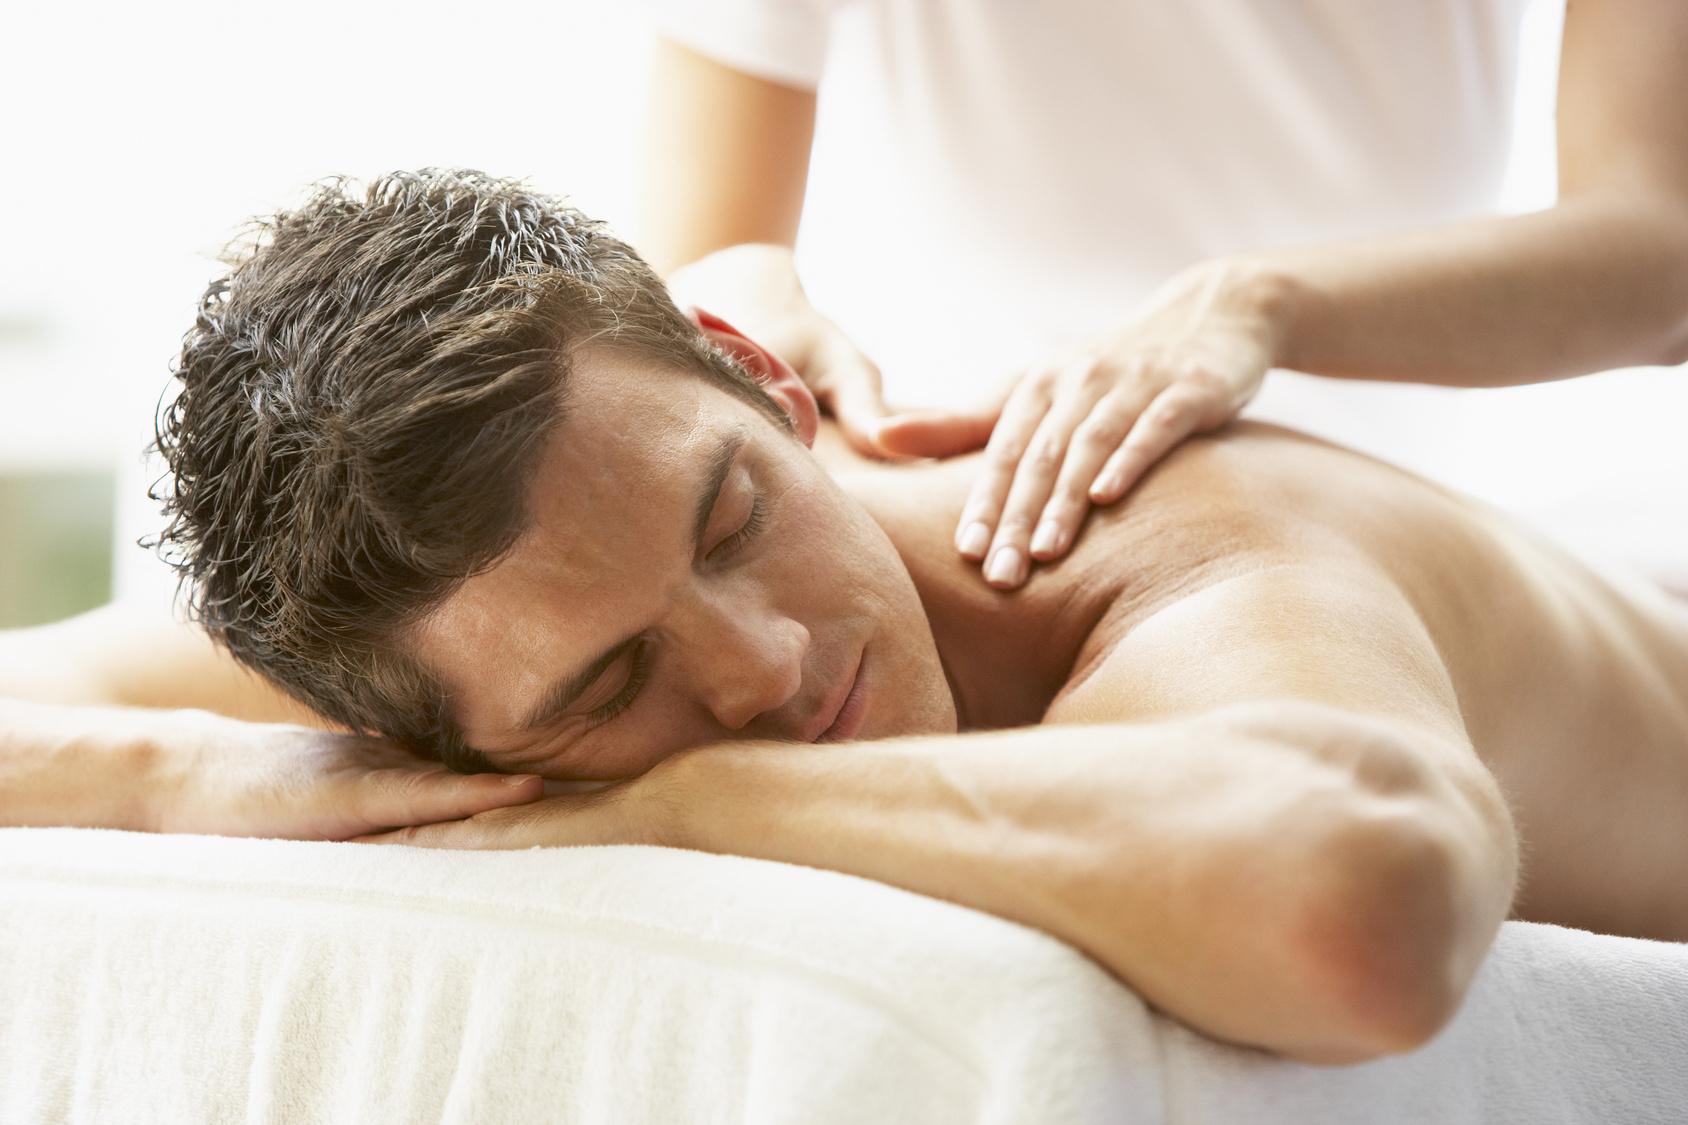 Урологический массаж что это 15 фотография